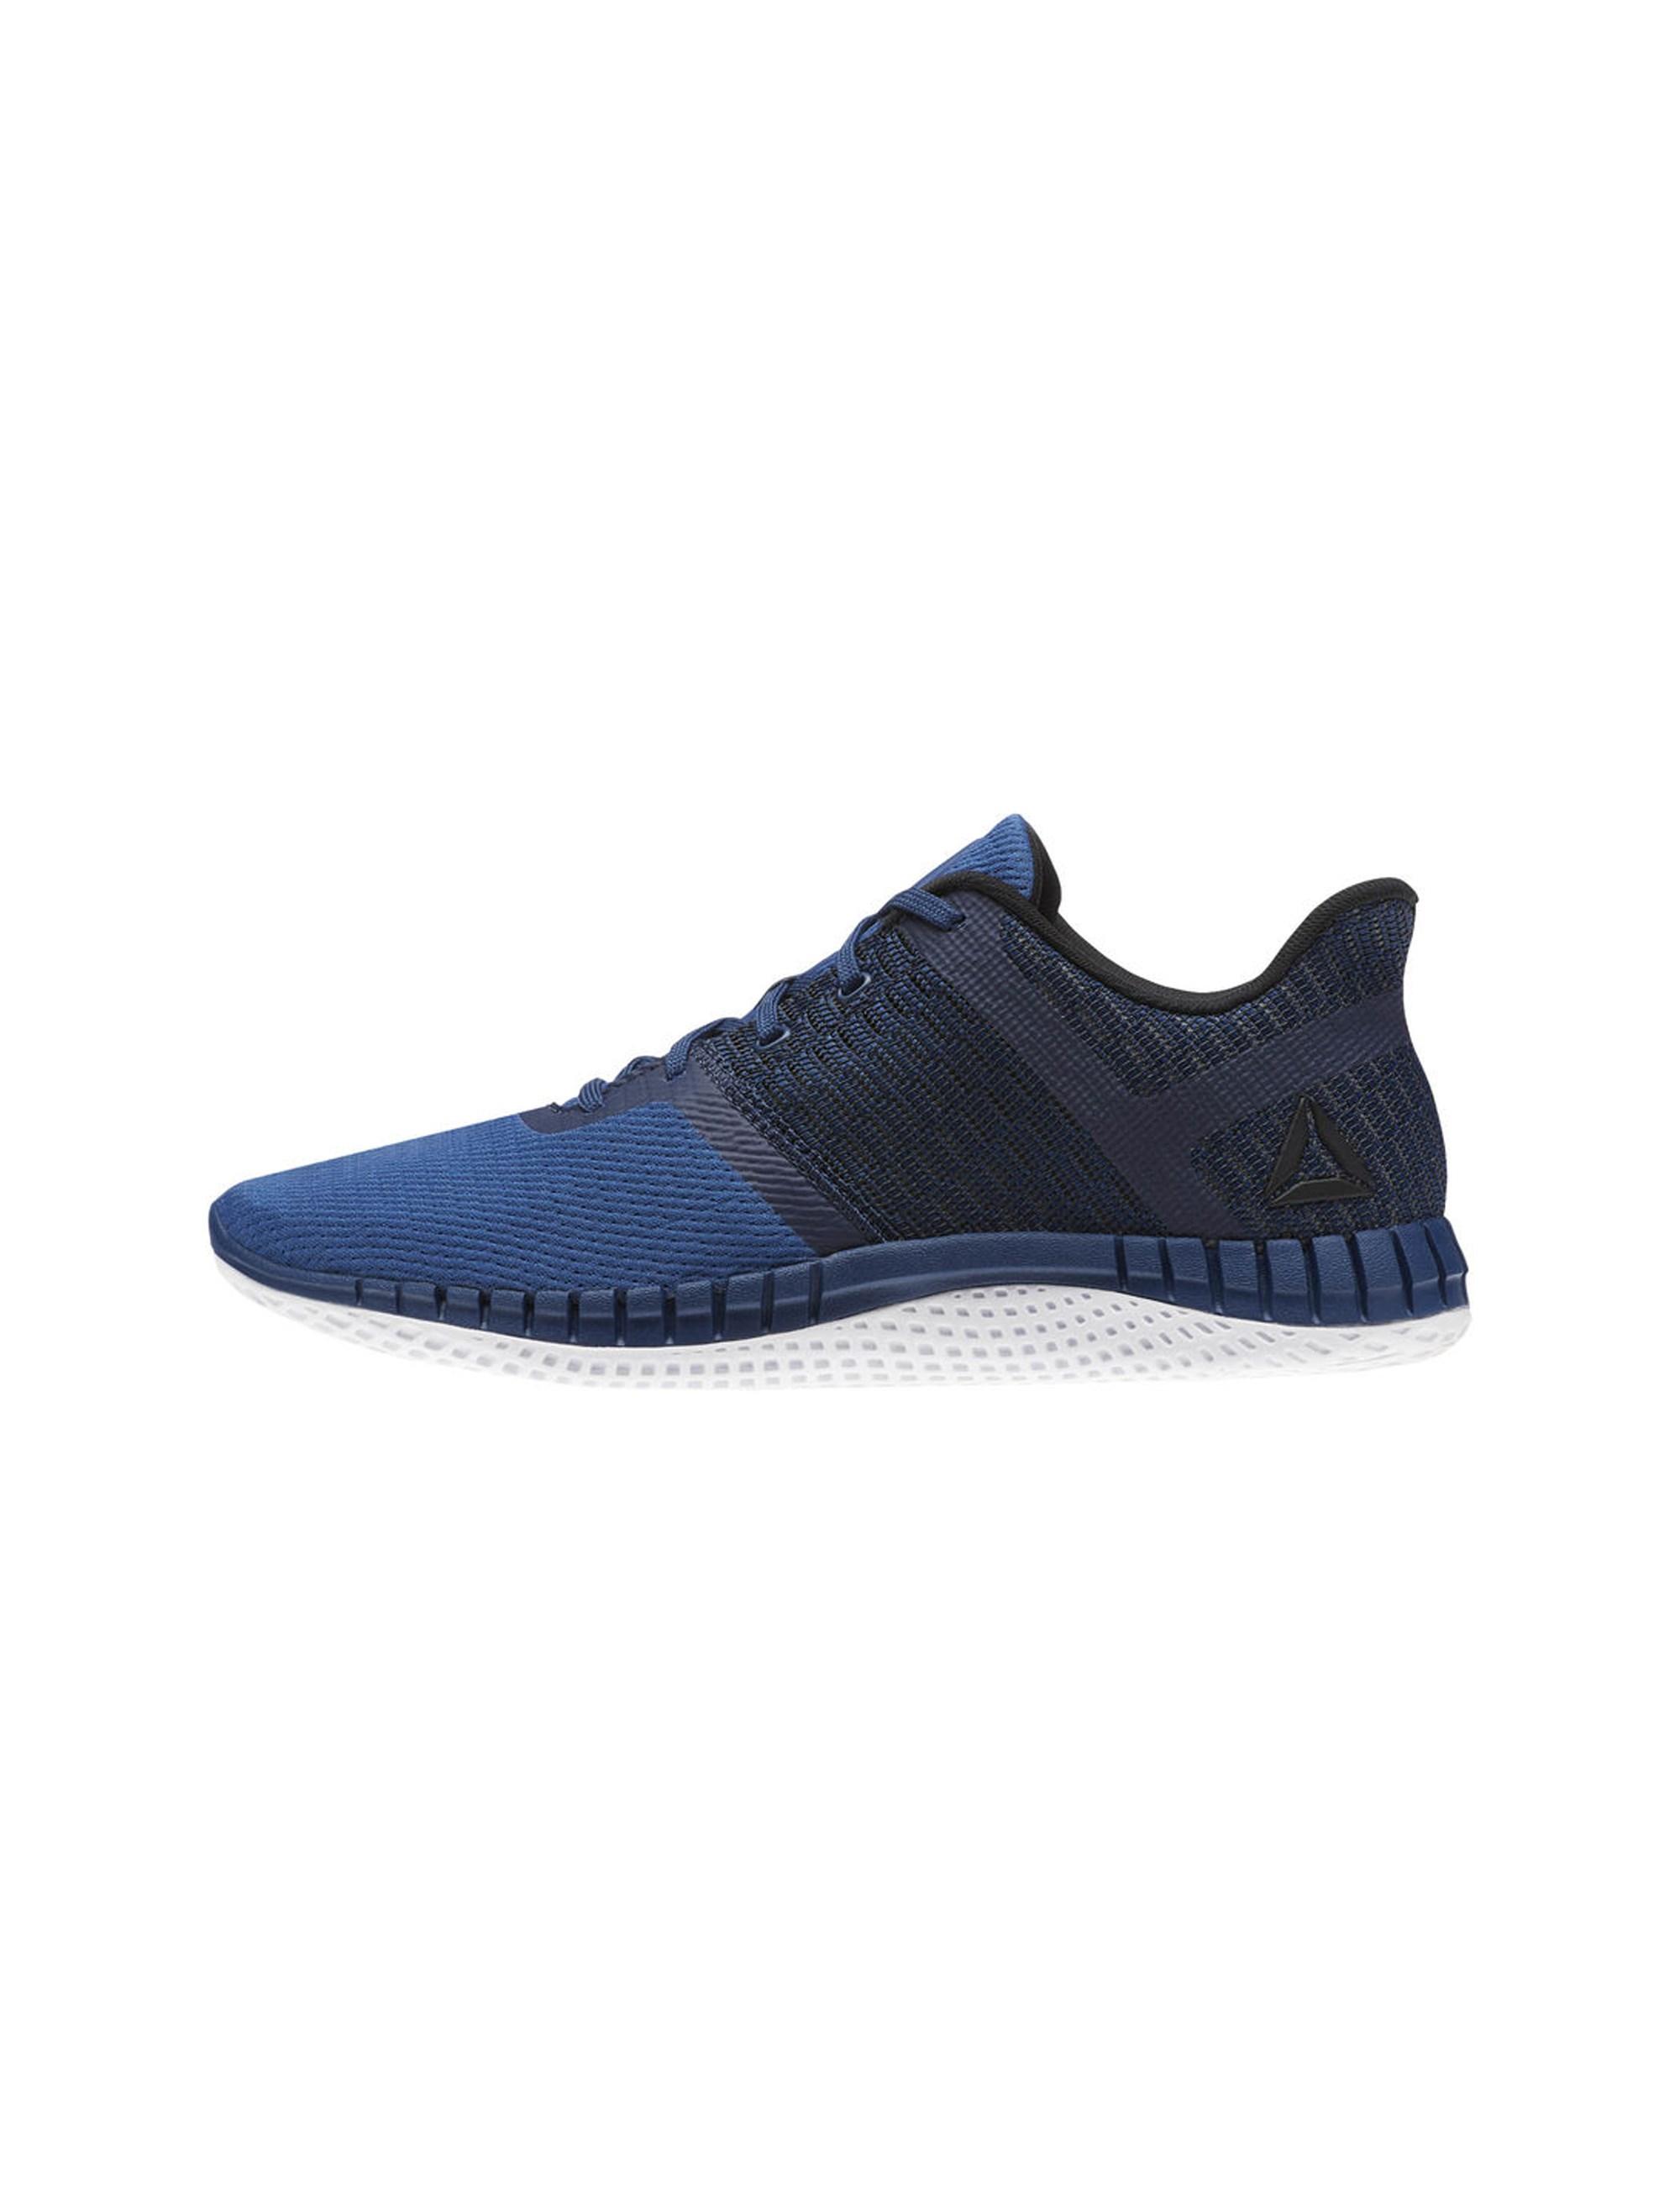 کفش دویدن بندی مردانه REEBOK PRINT RUN NEXT - آبي تيره - 3